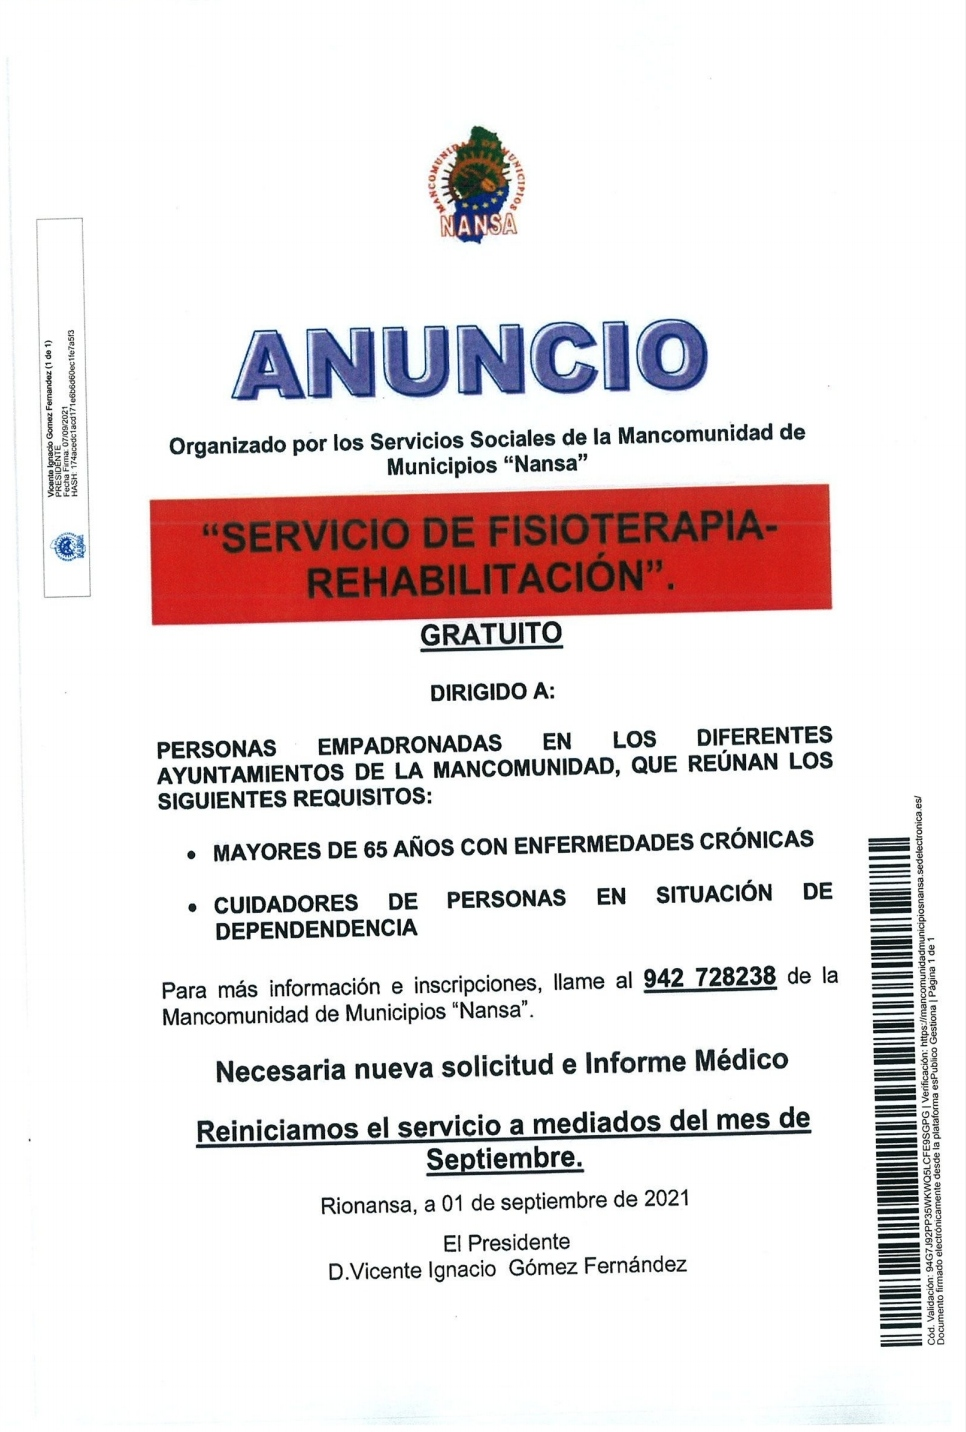 SERVICIO DE FISIOTERAPIA – REHABILITACIÓN